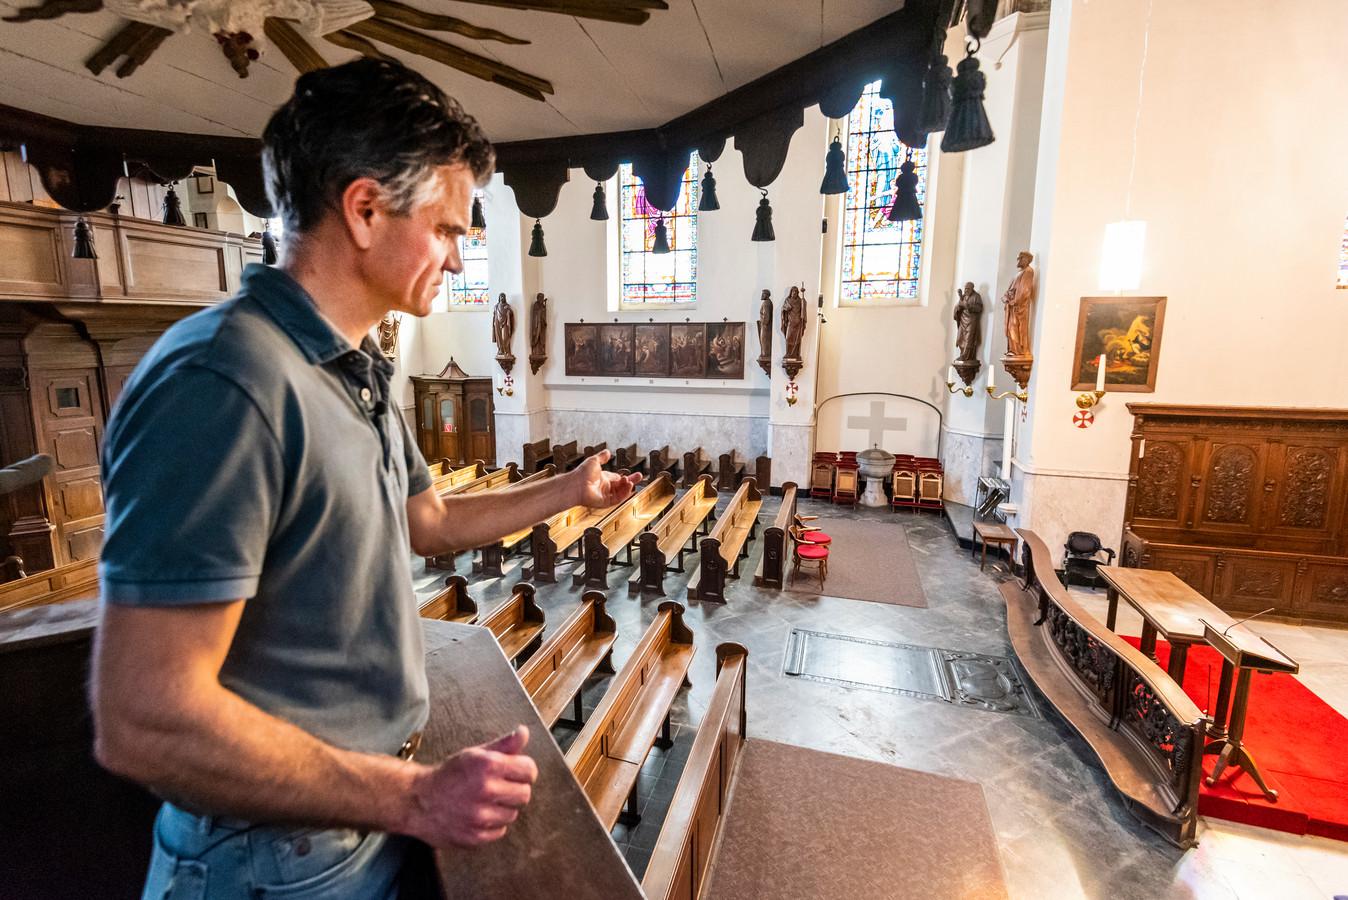 Erik Soedt, koster van de Luciakerk toont het interieur van de Luciakerk.